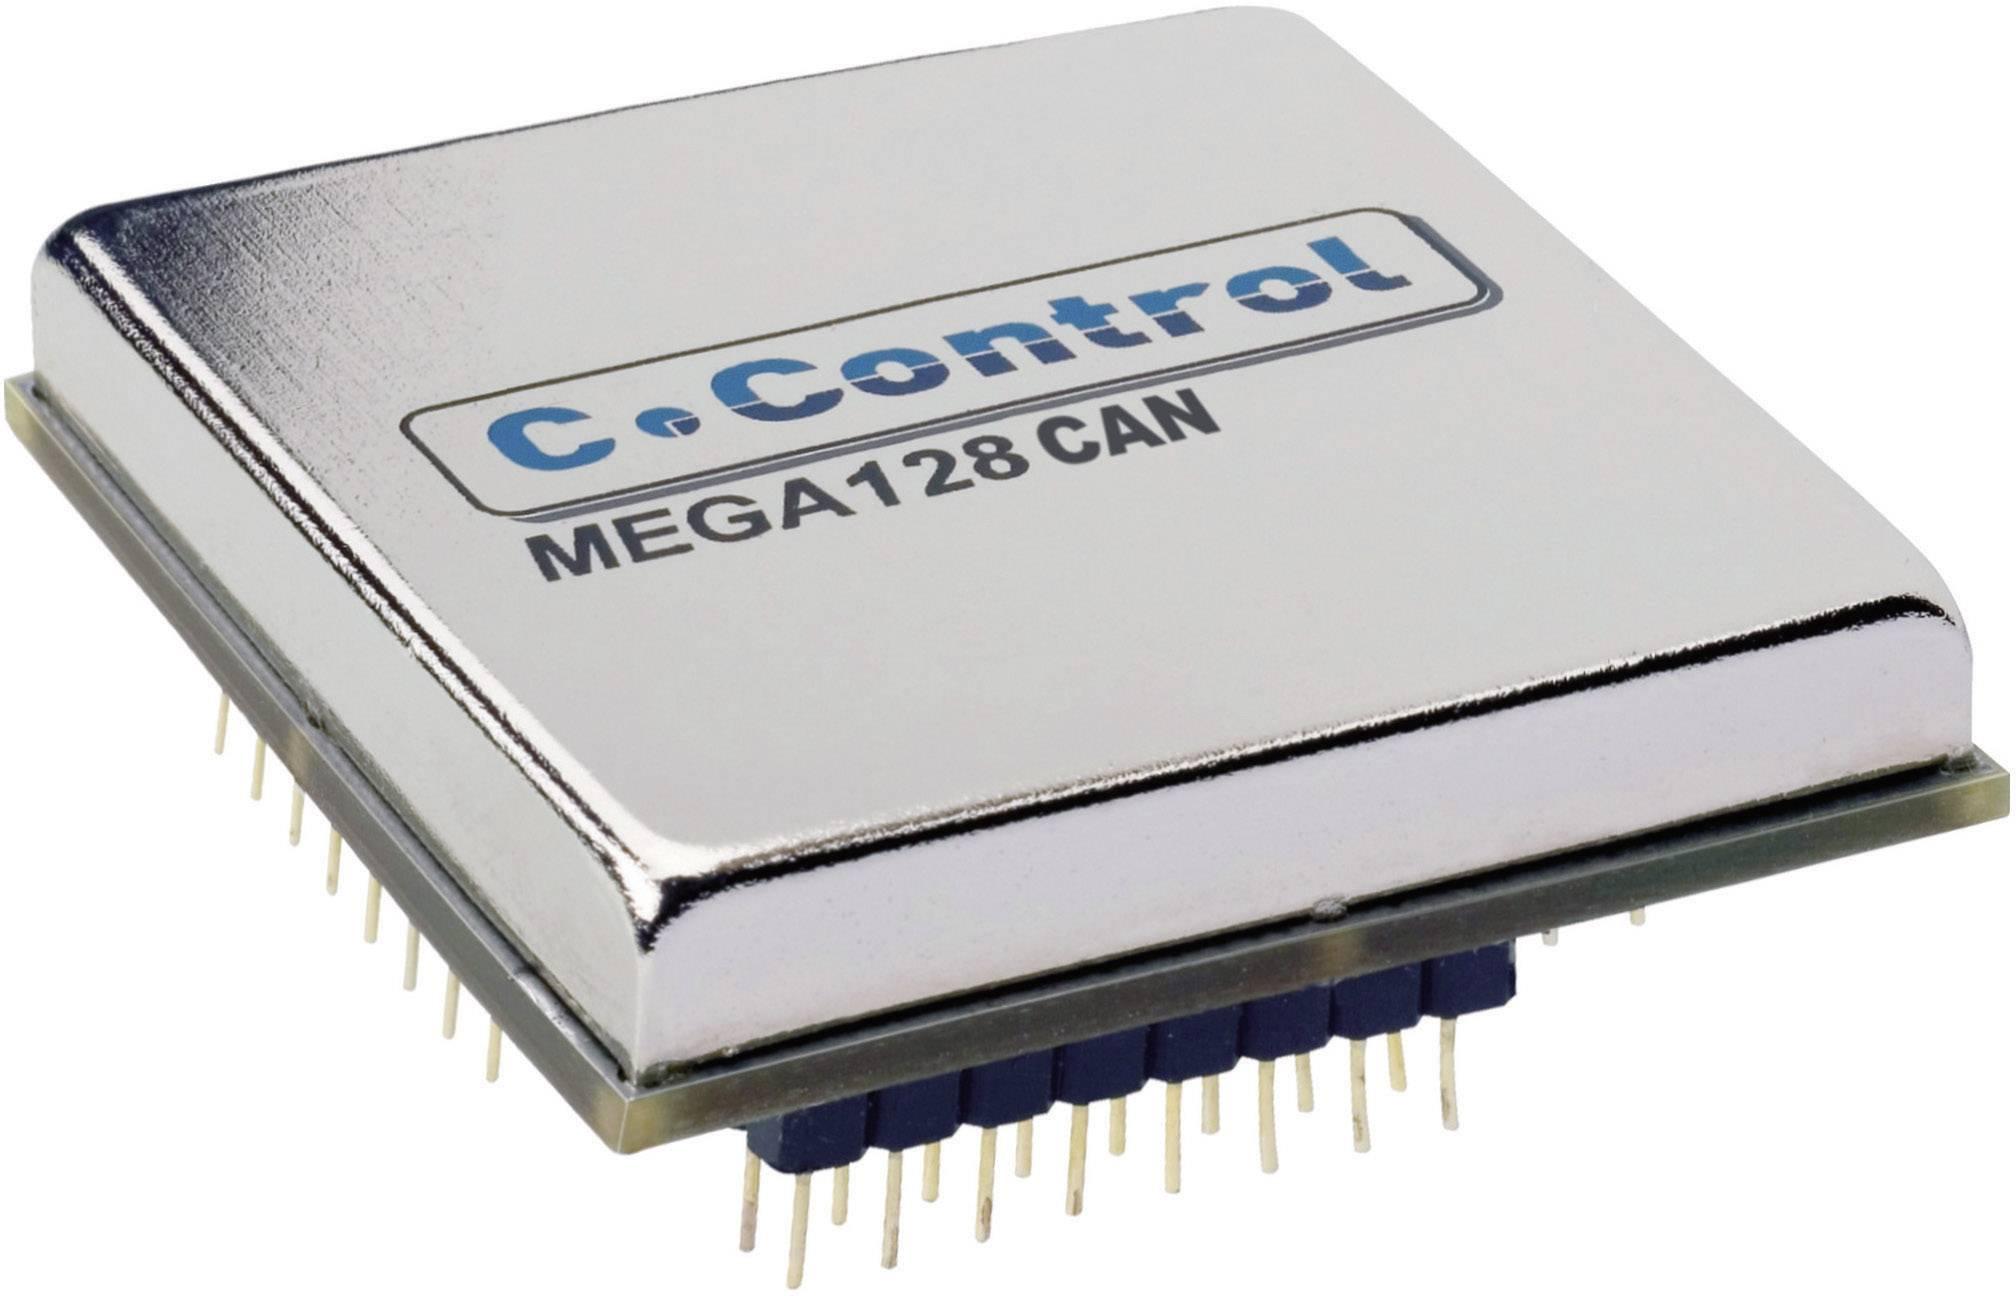 Procesorová jednotka C-Control Mega 128 CAN 197989